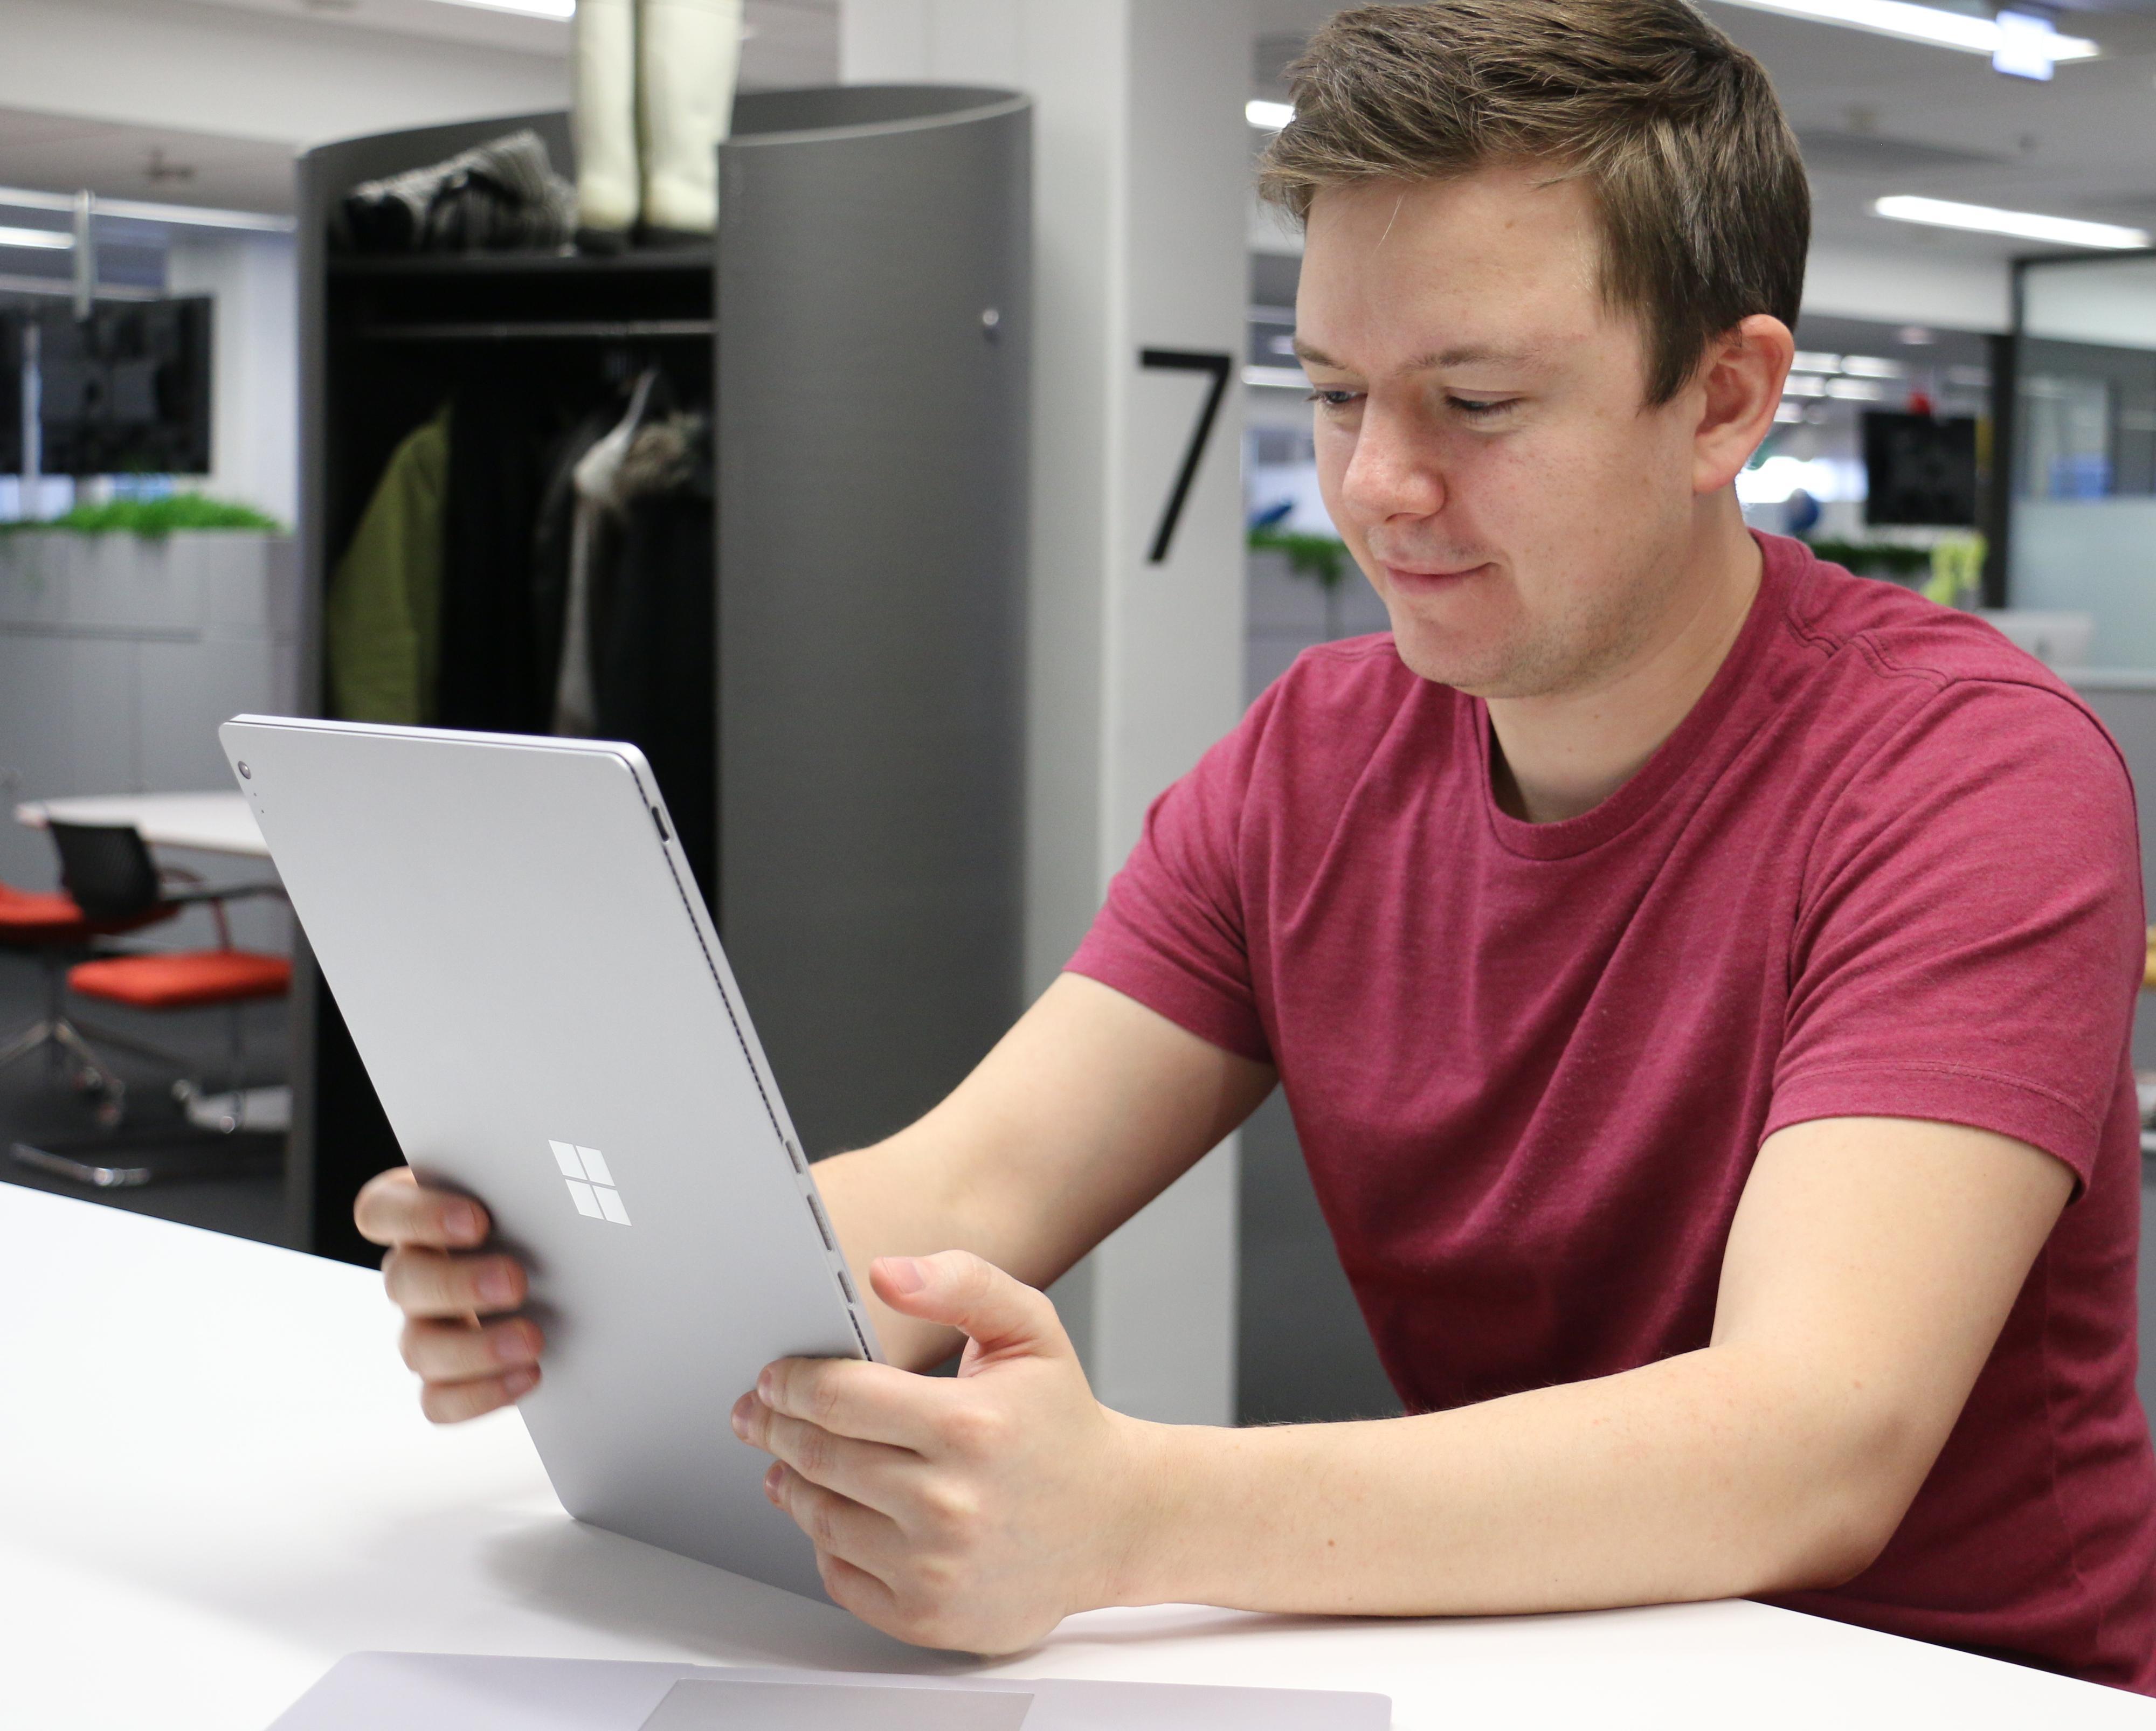 Nettbrettet er stort, men veldig lett og komfortabelt å holde. Bilde: Anders Brattensborg Smedsrud, Tek.no